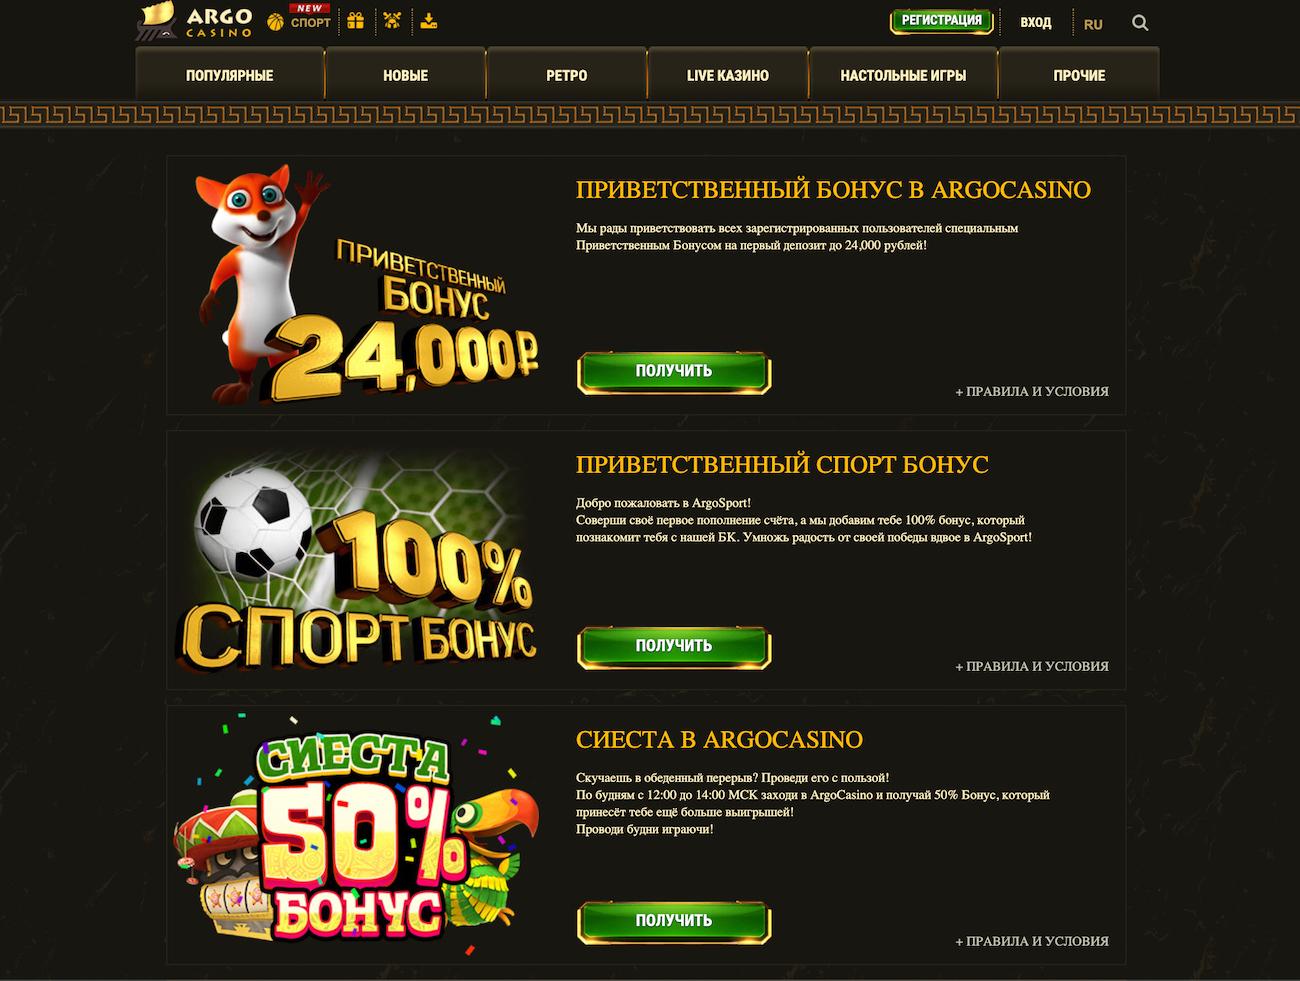 скачать мобильную версию argo casino бесплатно